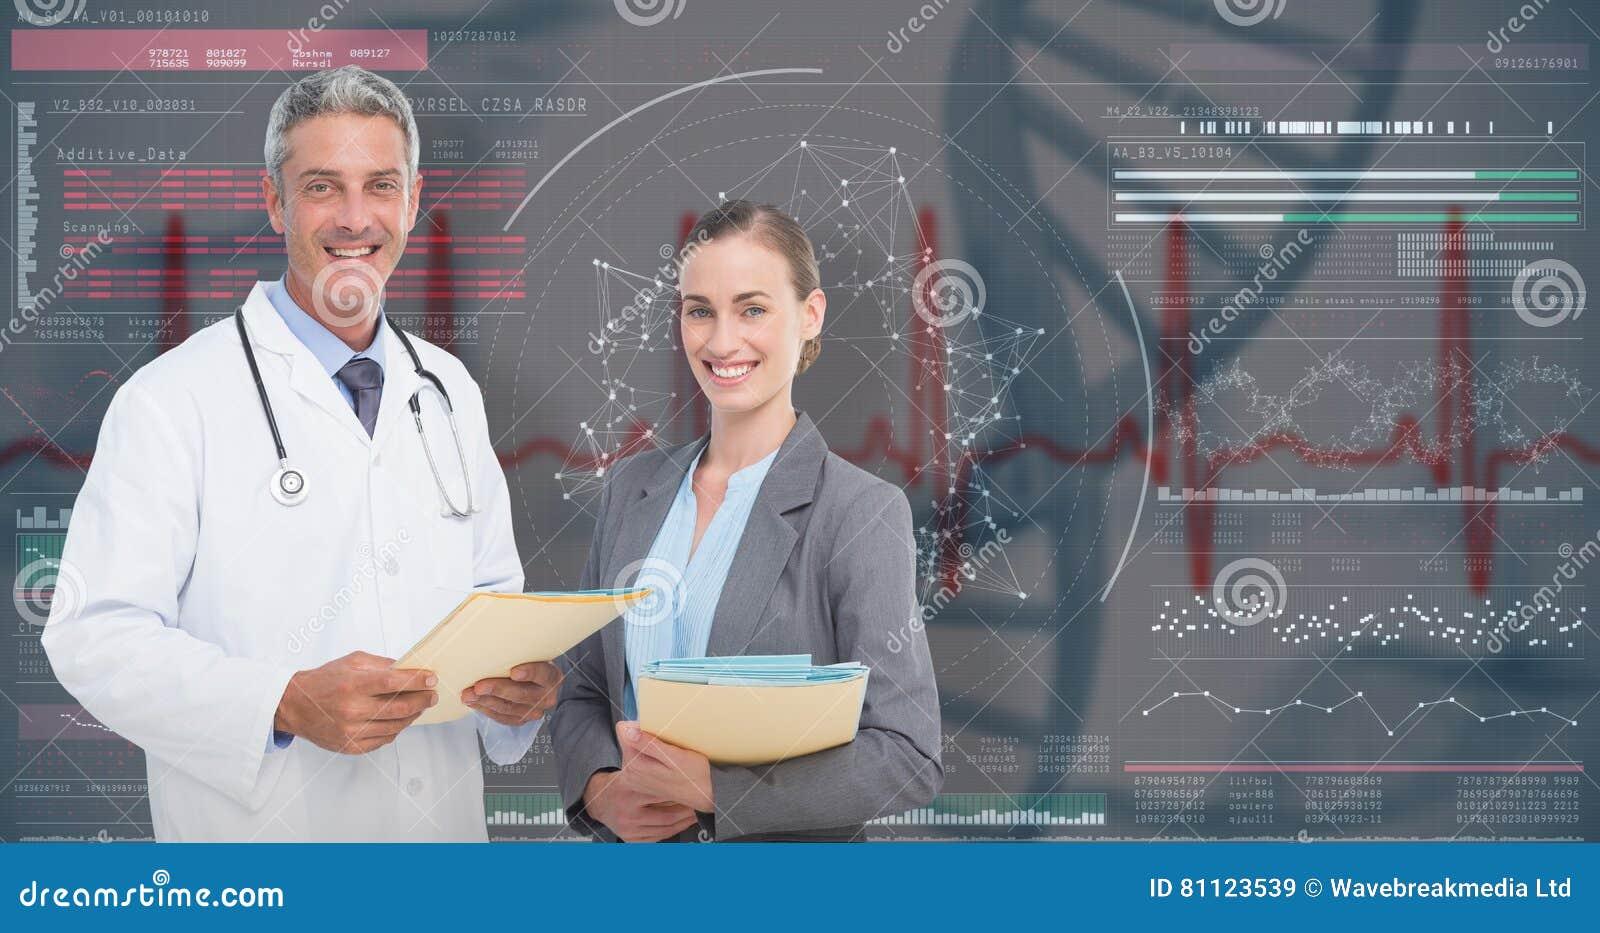 τρισδιάστατη σύνθετη εικόνα του πορτρέτου των αρσενικών και θηλυκών γιατρών με τις ιατρικές εκθέσεις